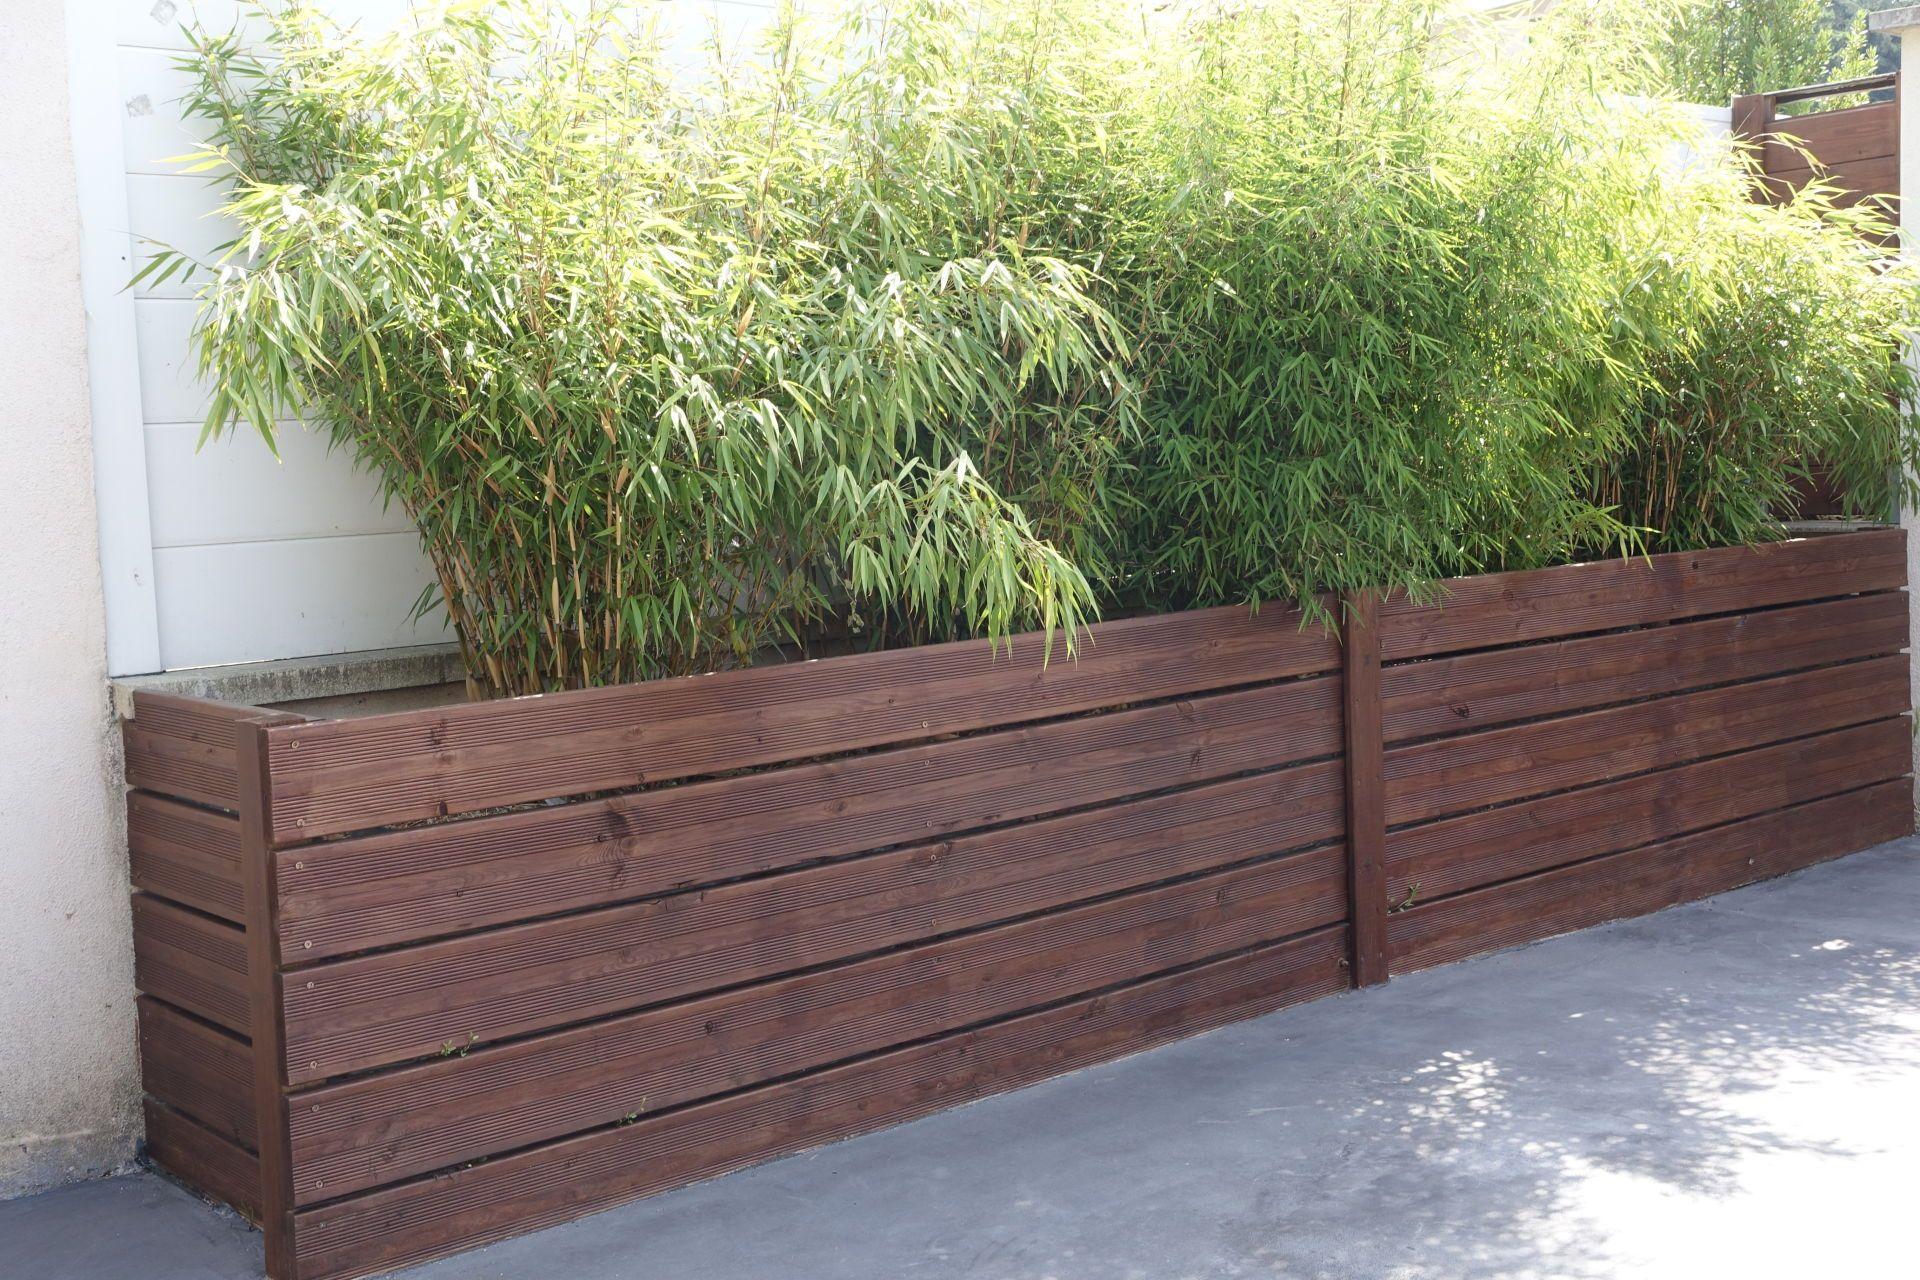 Dsc01699 Jpg 1920 1280 Pflanzenkubel Vorgarten Grosse